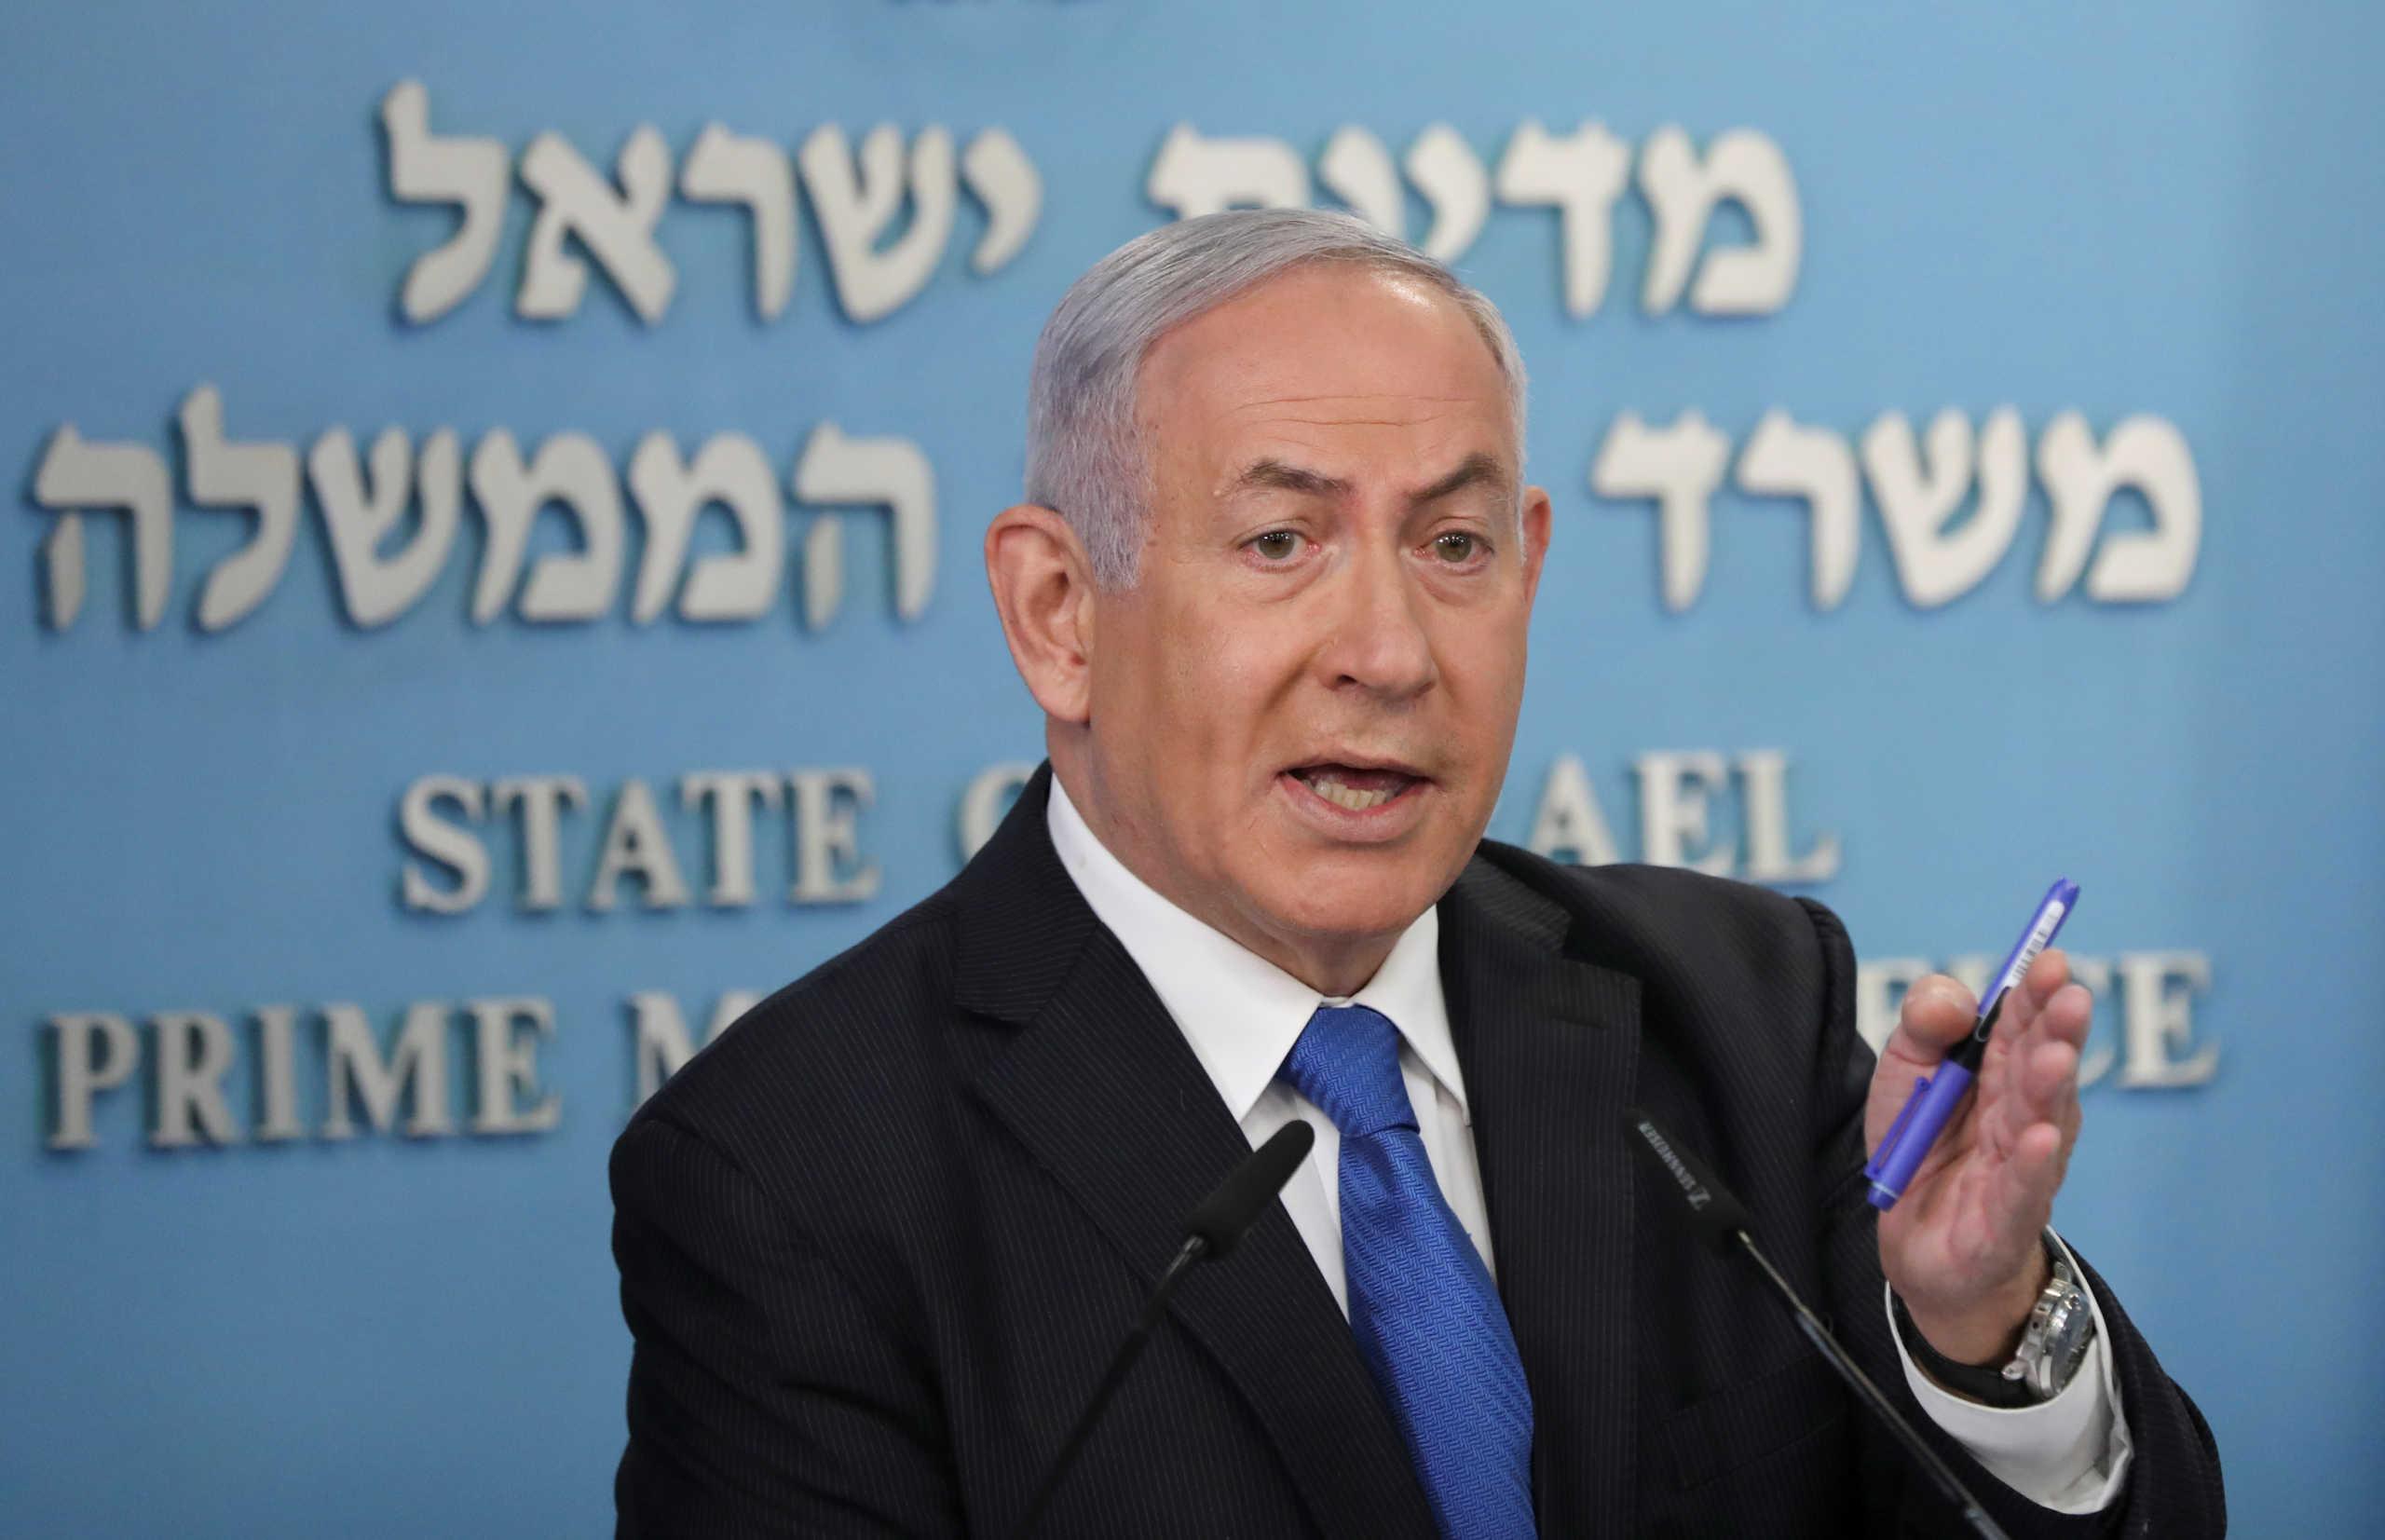 Νετανιάχου: «Απορρίπτει δυναμικά» την πίεση για τη μη οικοδόμηση της Ιερουσαλήμ